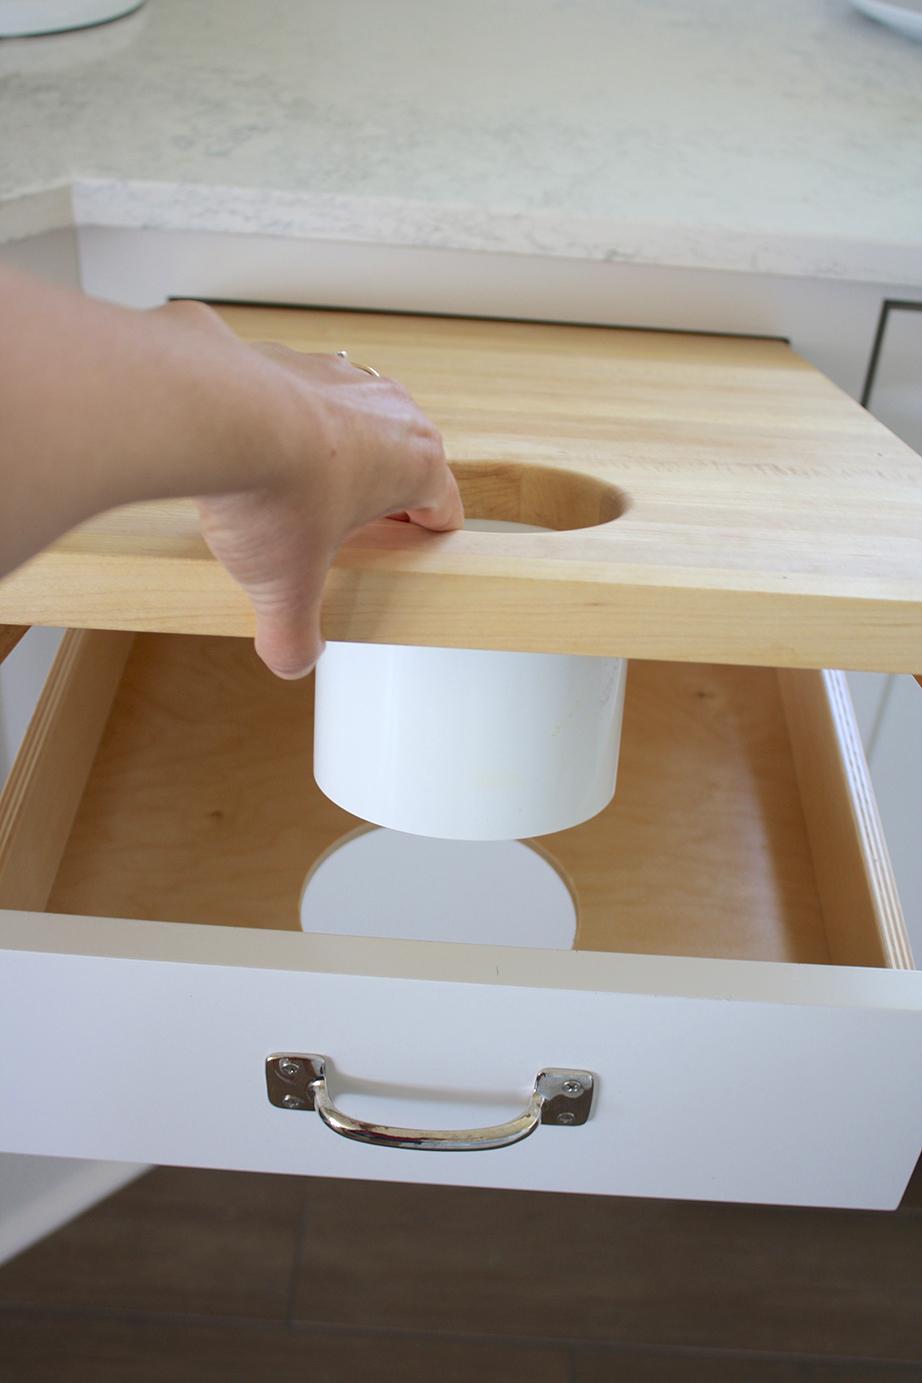 Τοποθετήστε την μασίφ επιφάνεια πάνω στο περίγραμμα του συρταριού έχοντάς την πρώτα ενώσει με το σωλήνα.